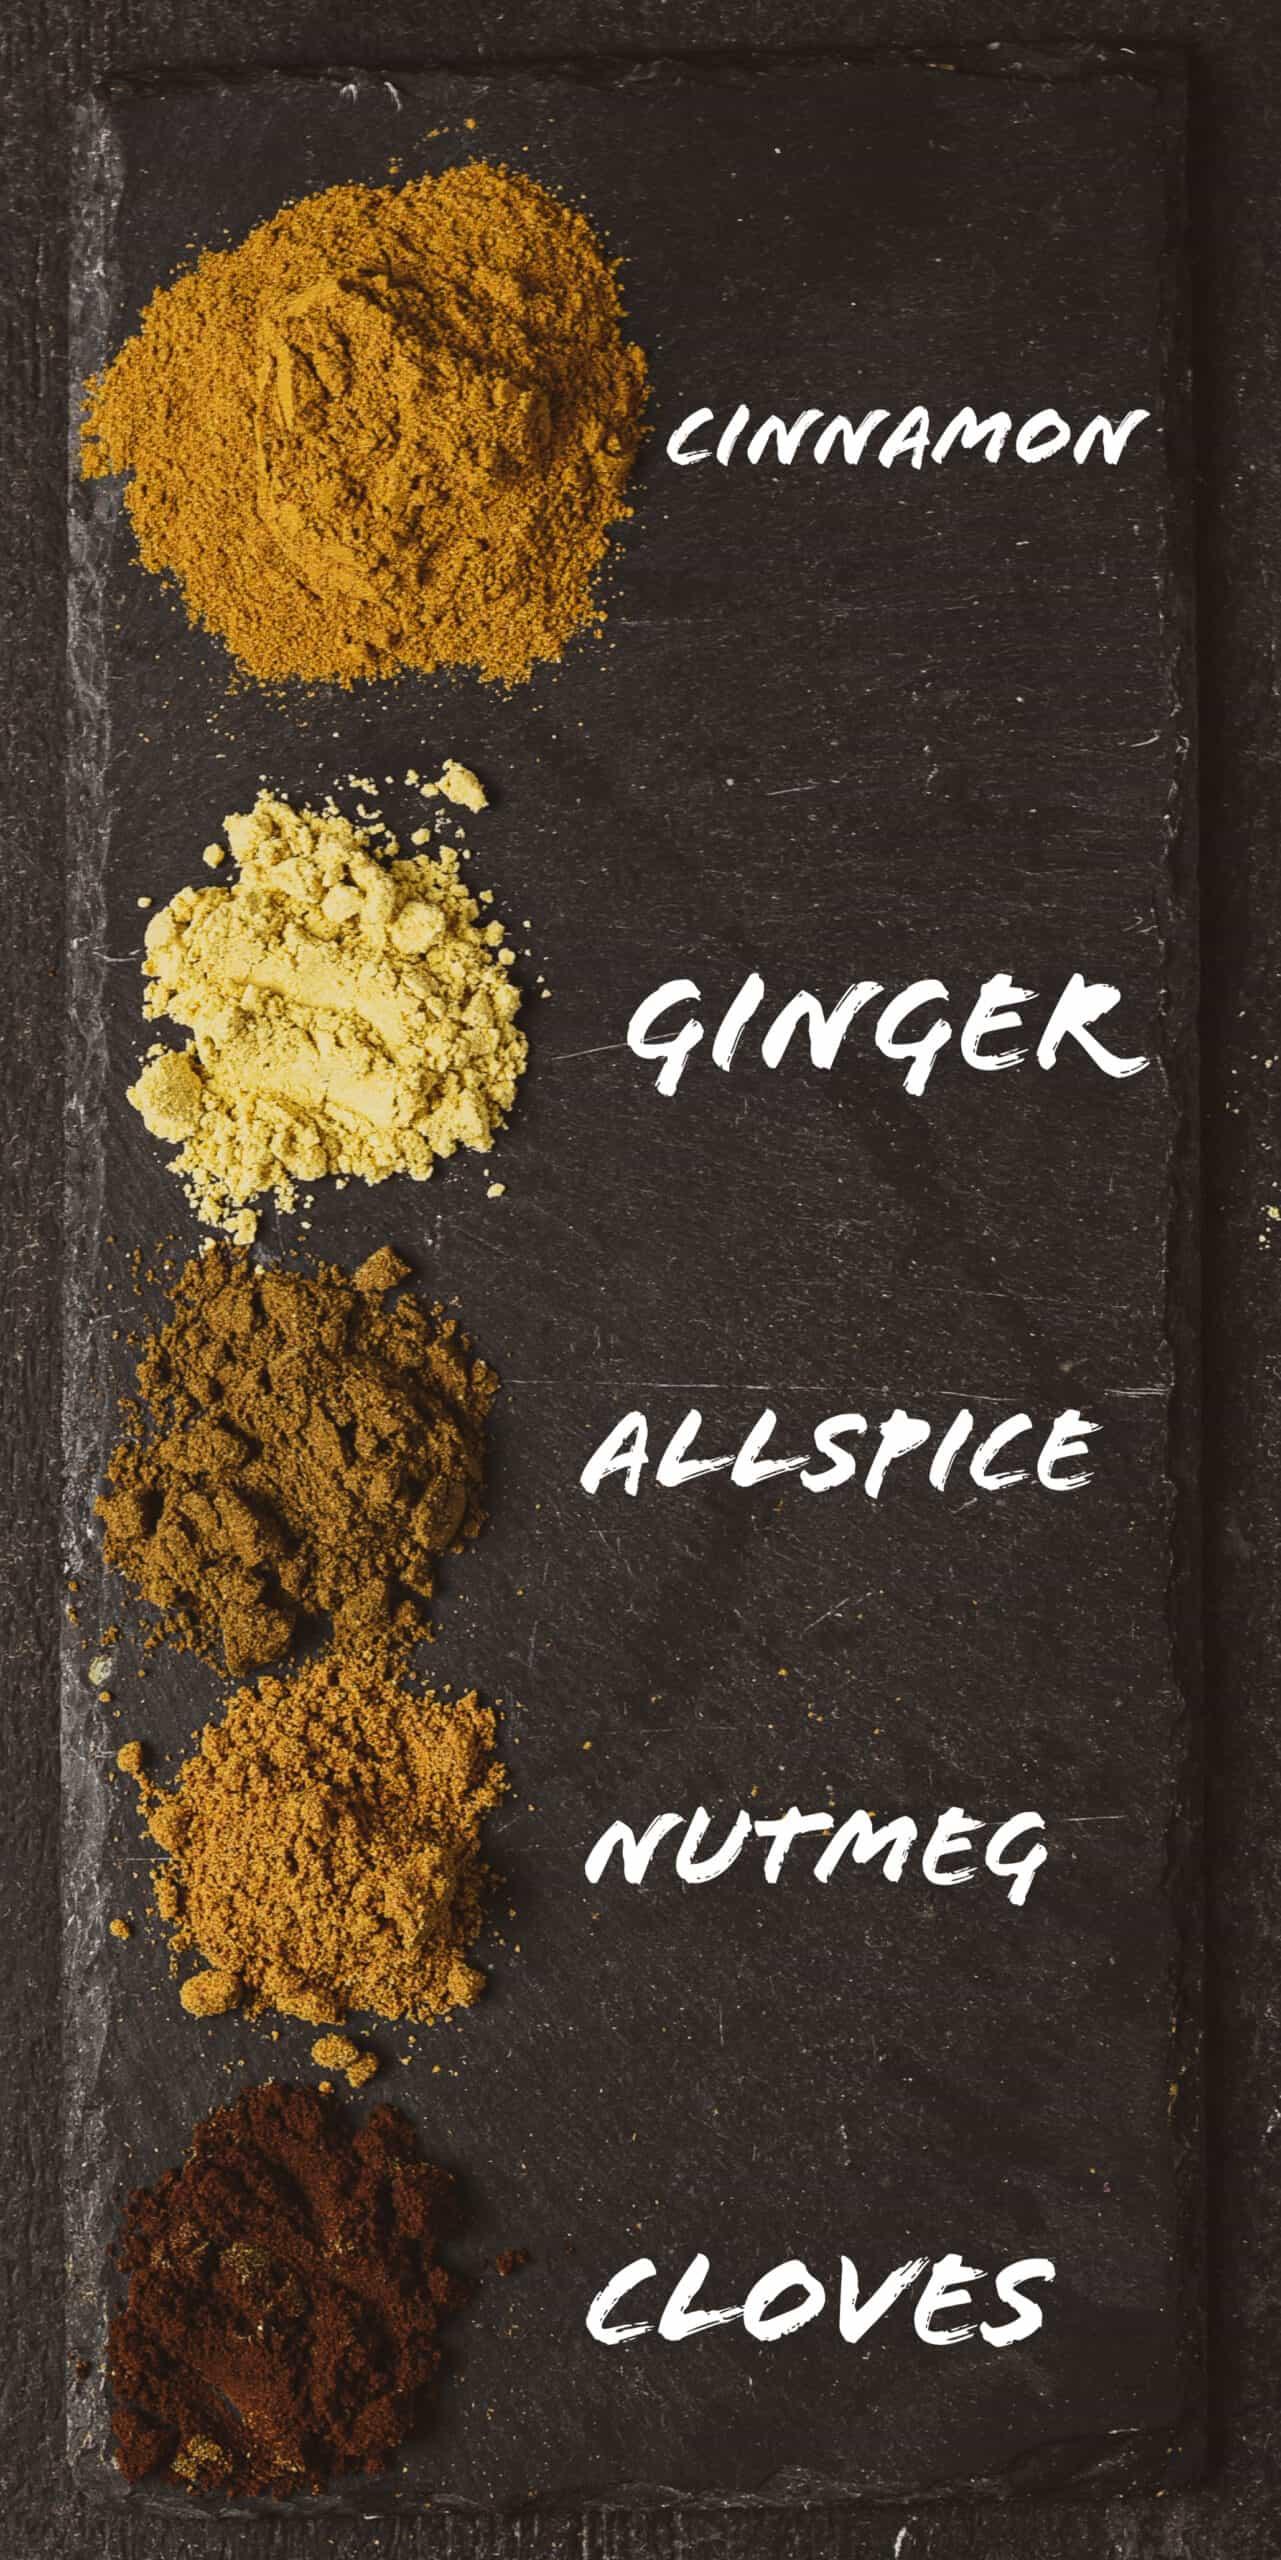 Ground cinnamon, ginger, allspice, nutmeg, and cloves on black slate.